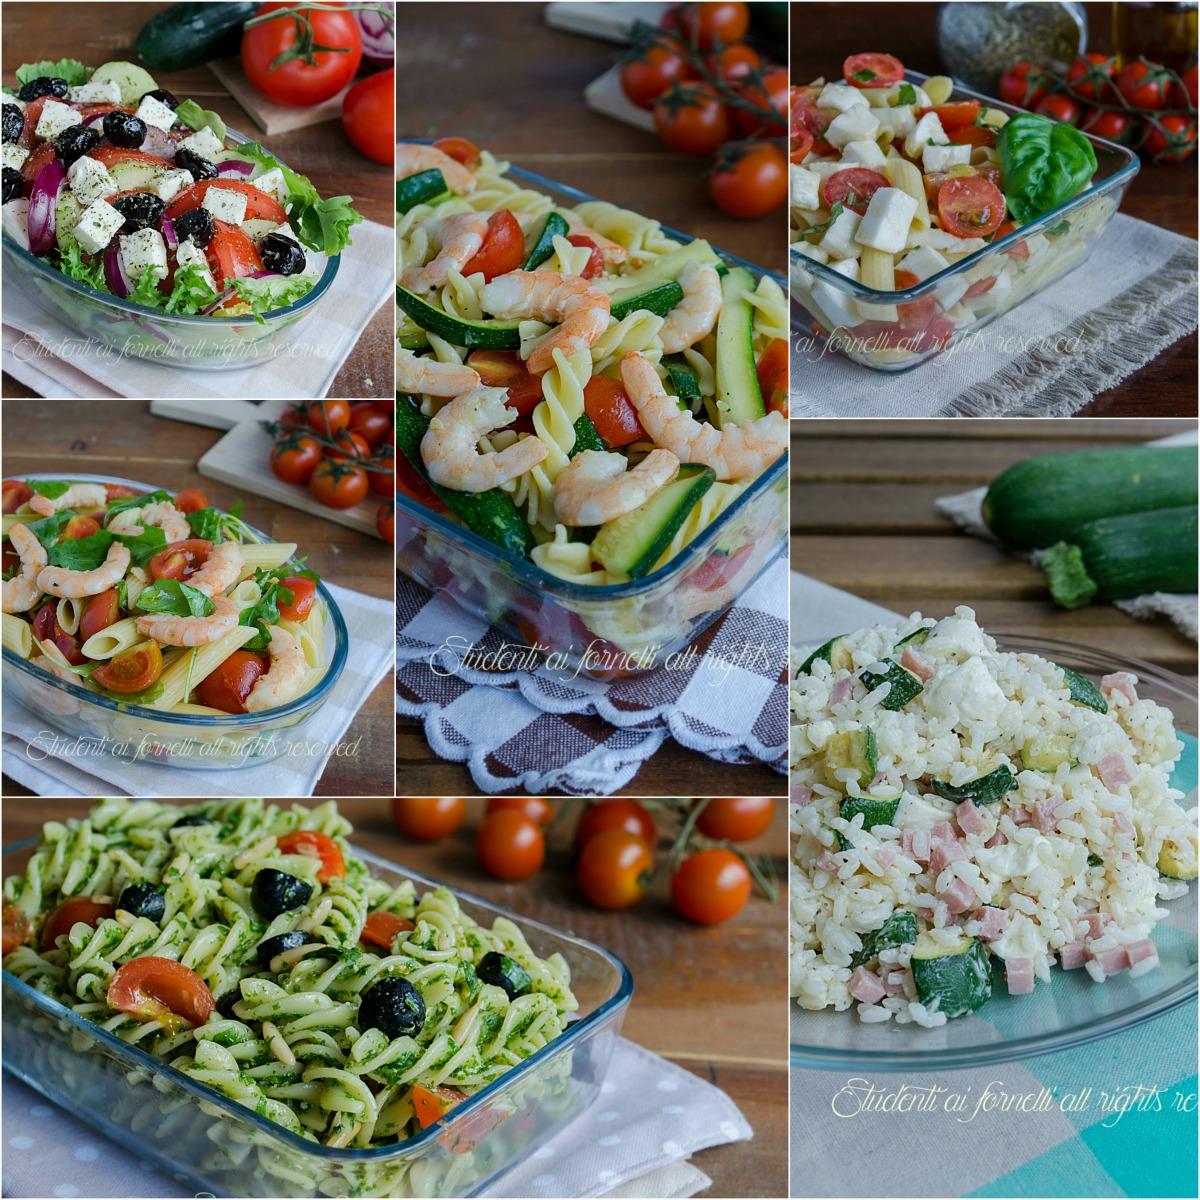 Ricette estive ricette insalate ricette pasta fredda for Insalate ricette